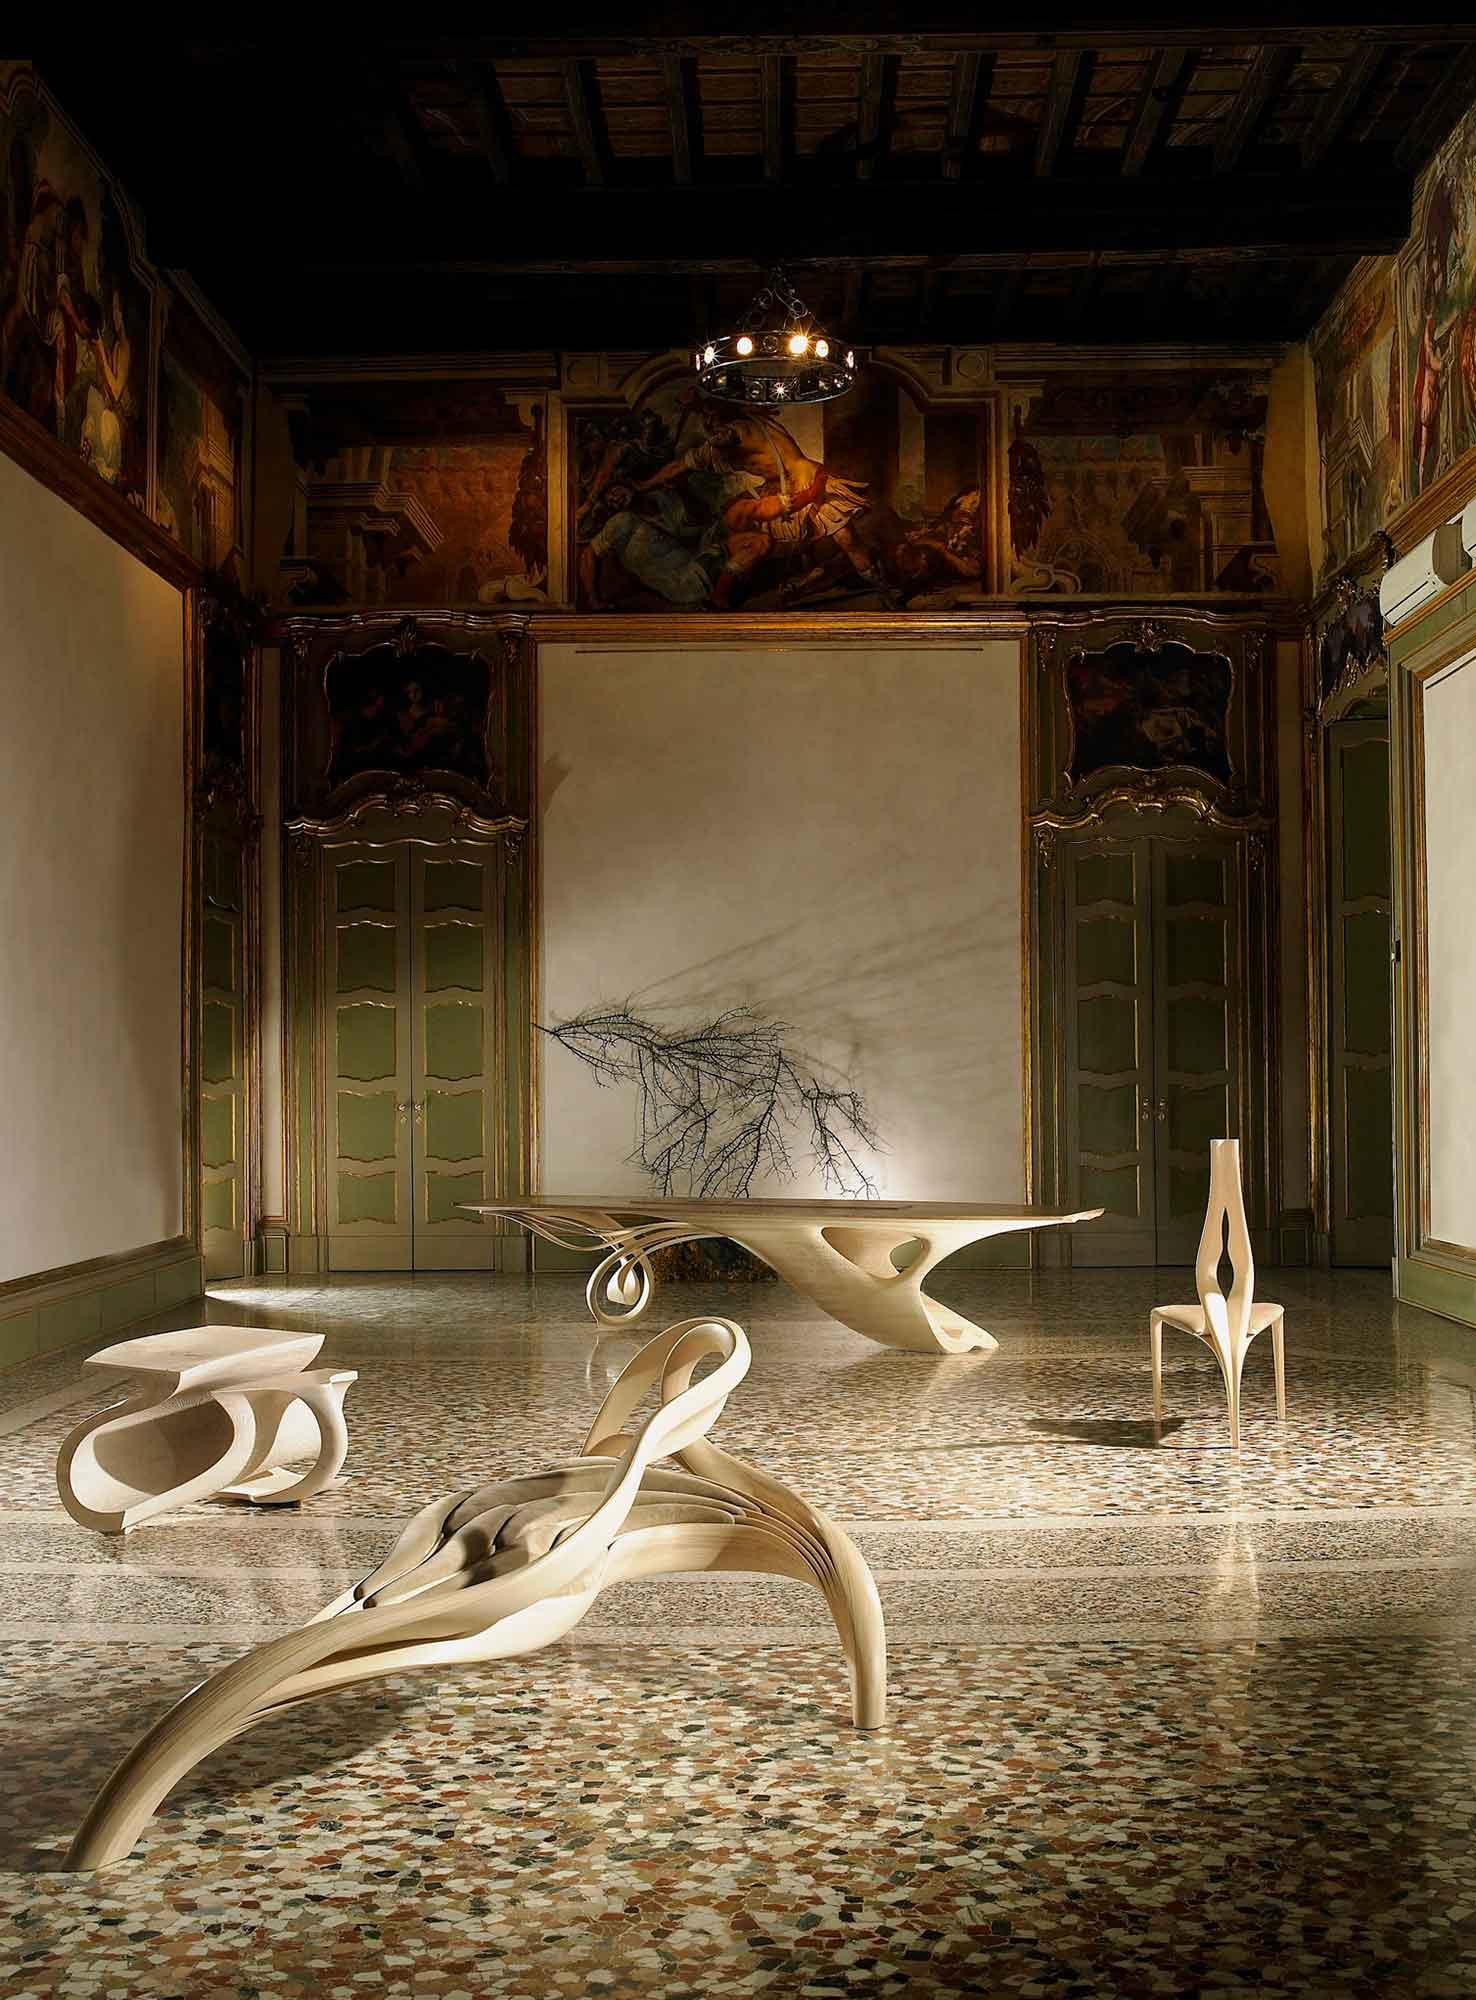 Salone Del Mobile Fair, Palazzo Durini(イタリア・ミラノ)(2012)